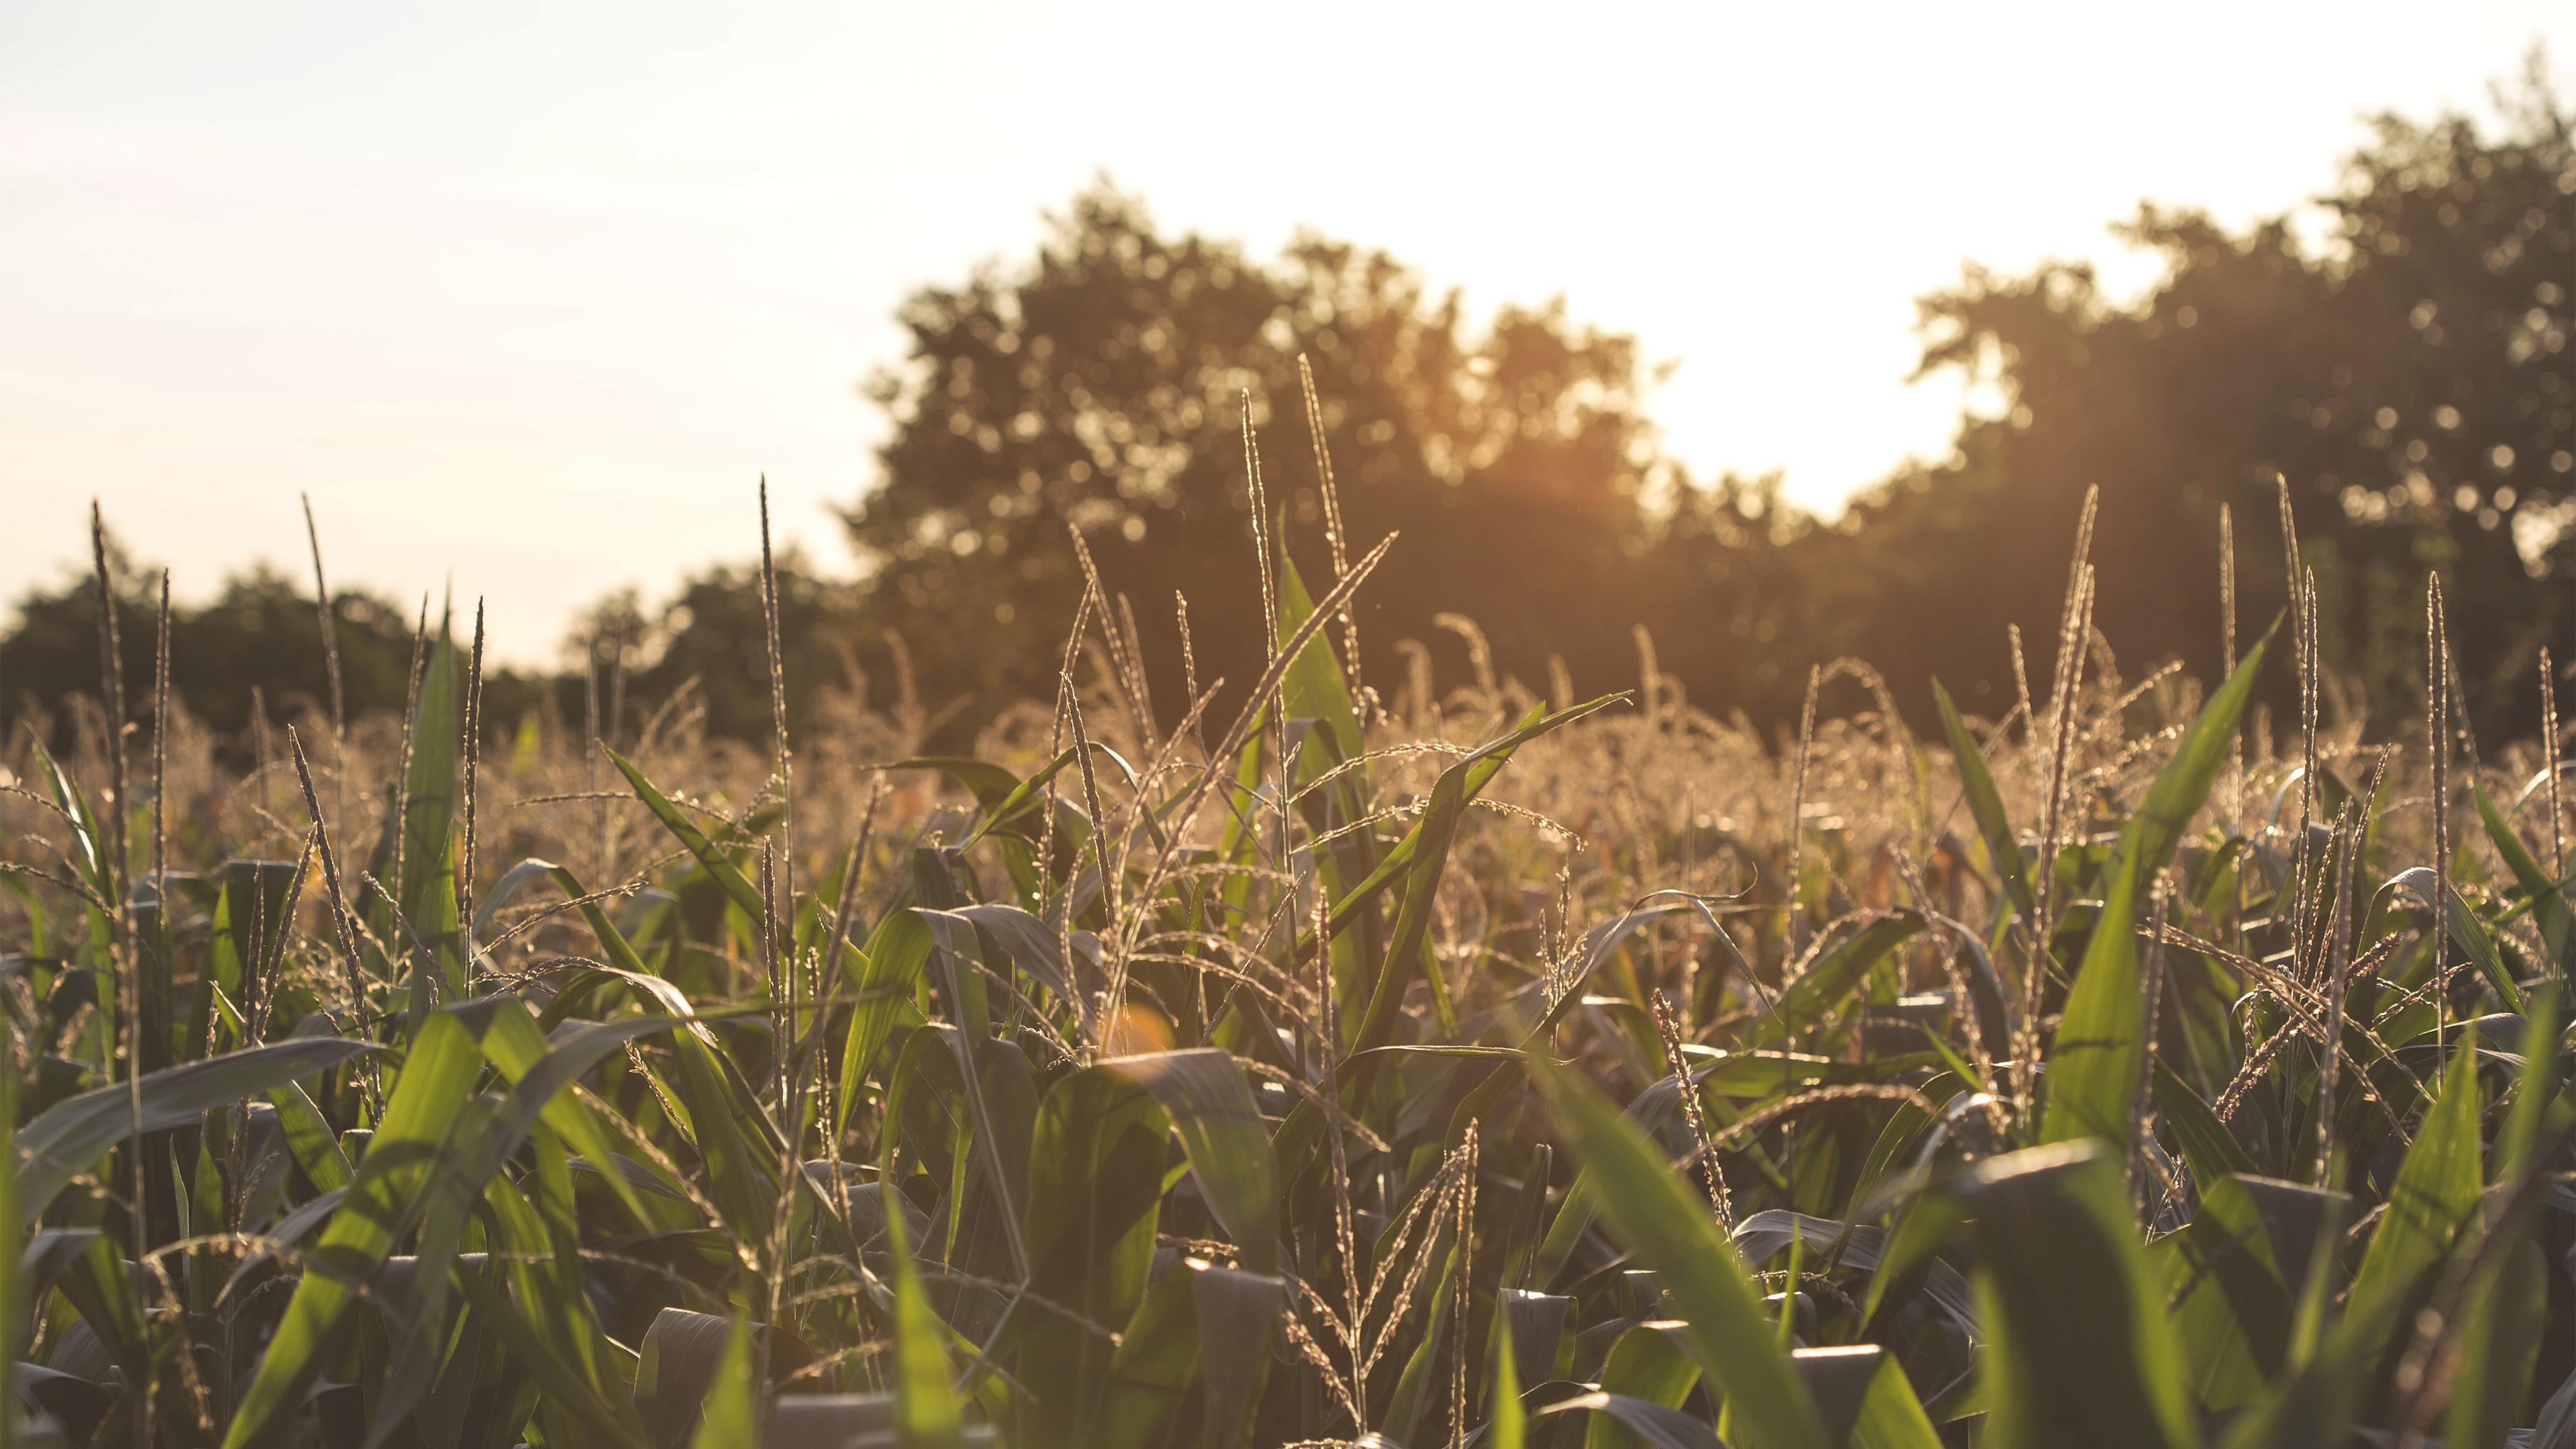 An expansive field of corn